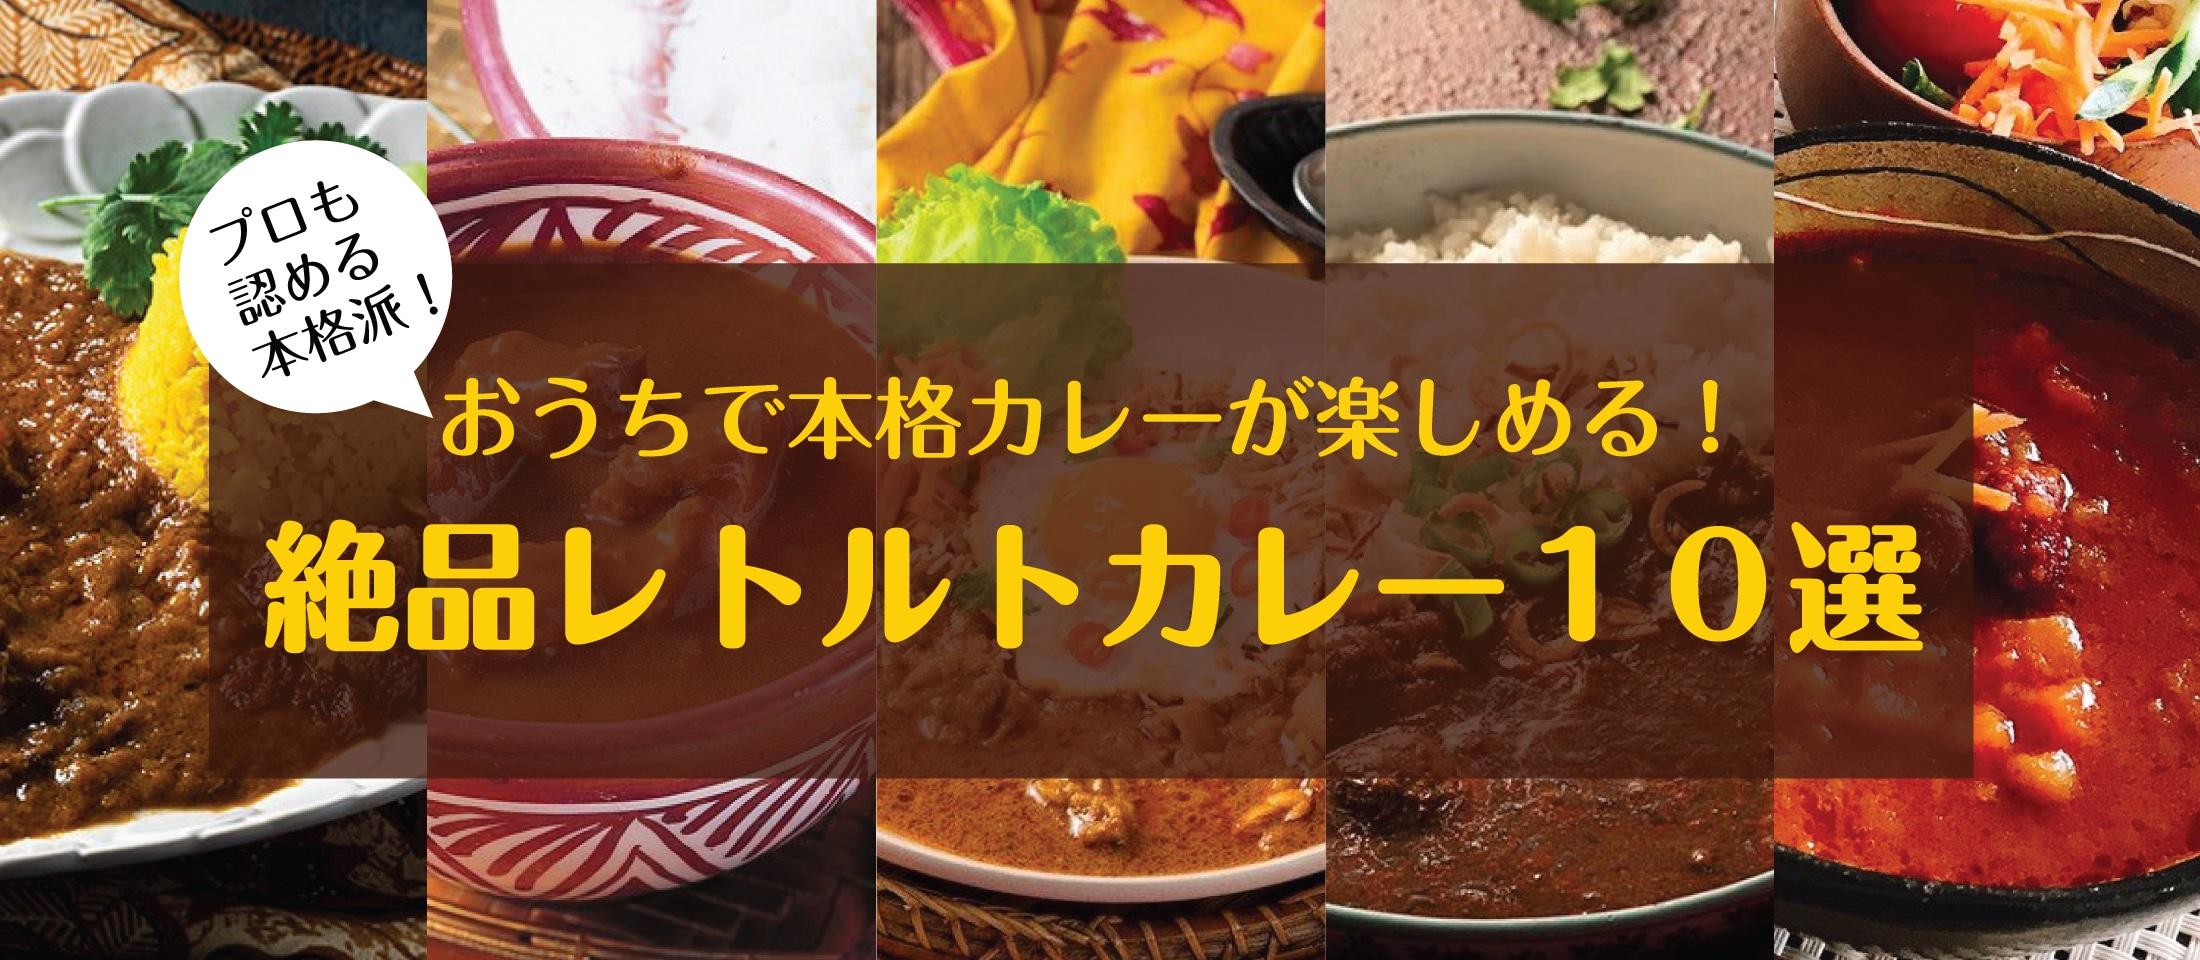 レトルトカレー本格カレー10選 特集  業務用食品・冷凍食品の通販 |ナカヤマフーズ